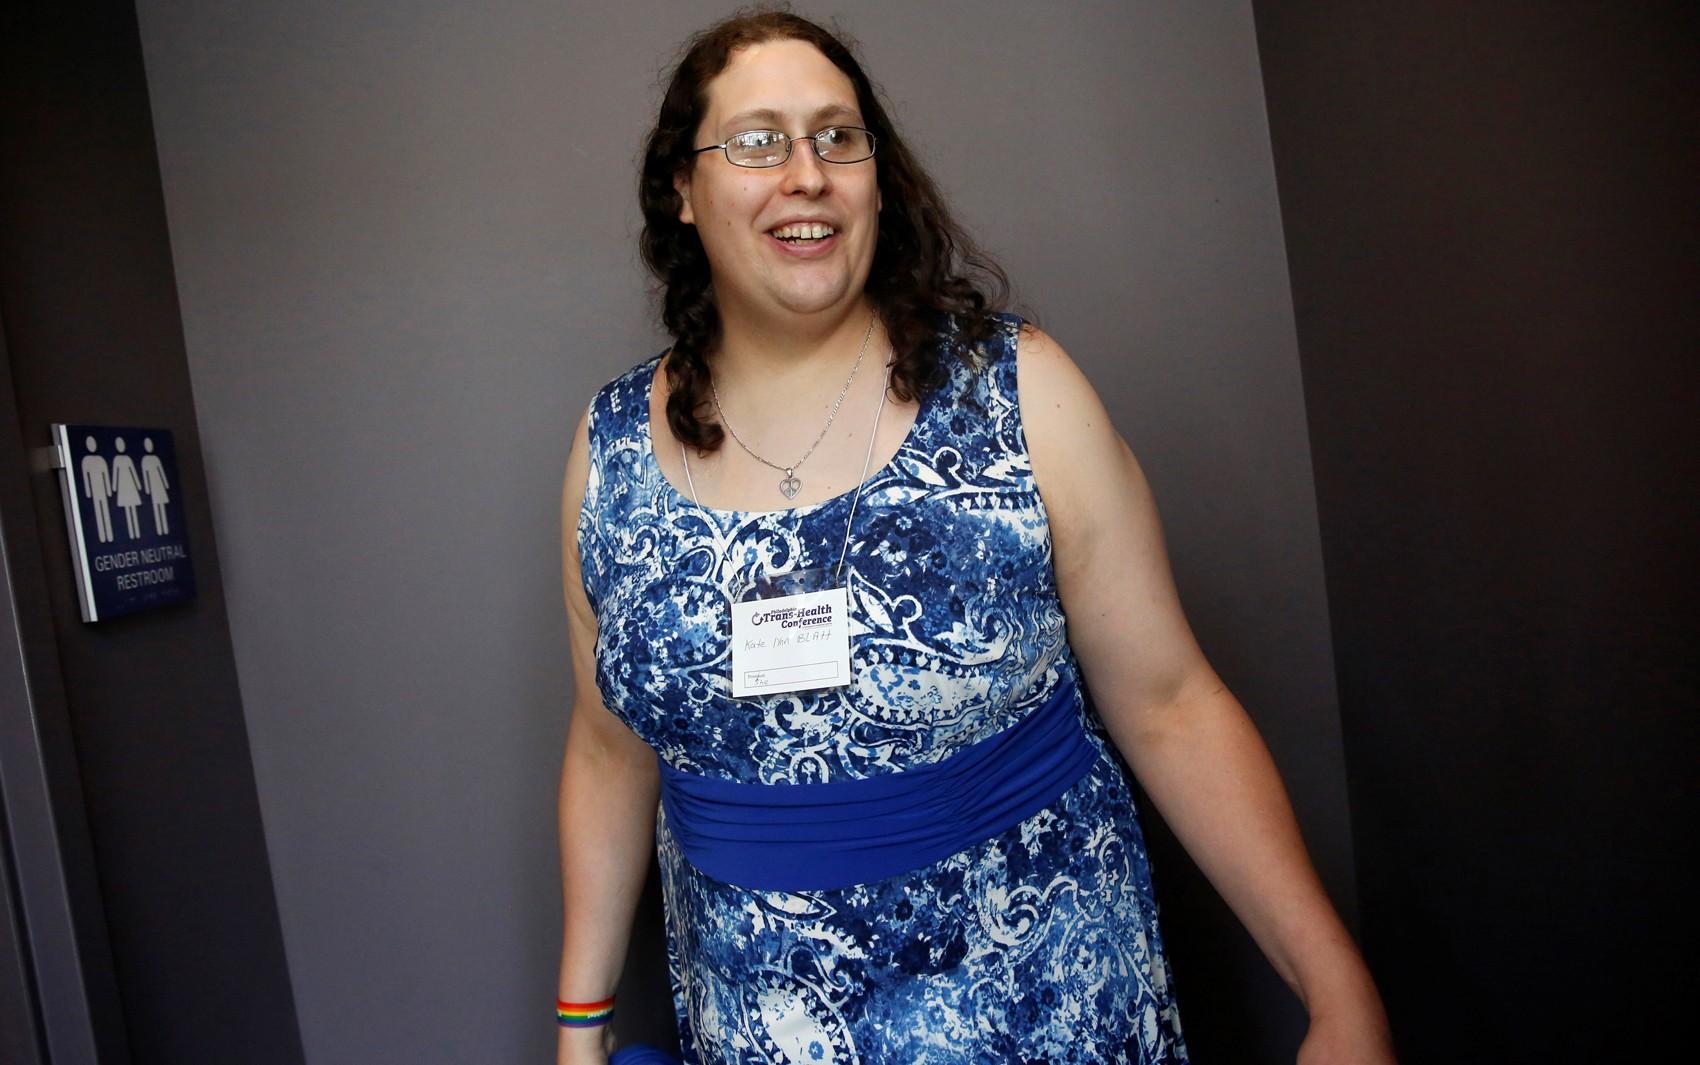 Kate Lynn Blatt, mulher transgênero, ao lado de banheiro de gênero neutro durante a 15ª Conferência Anual de Saúde Trans da Philadelphia, em 9 de junho (Foto: Reuters/Shannon Stapleton)